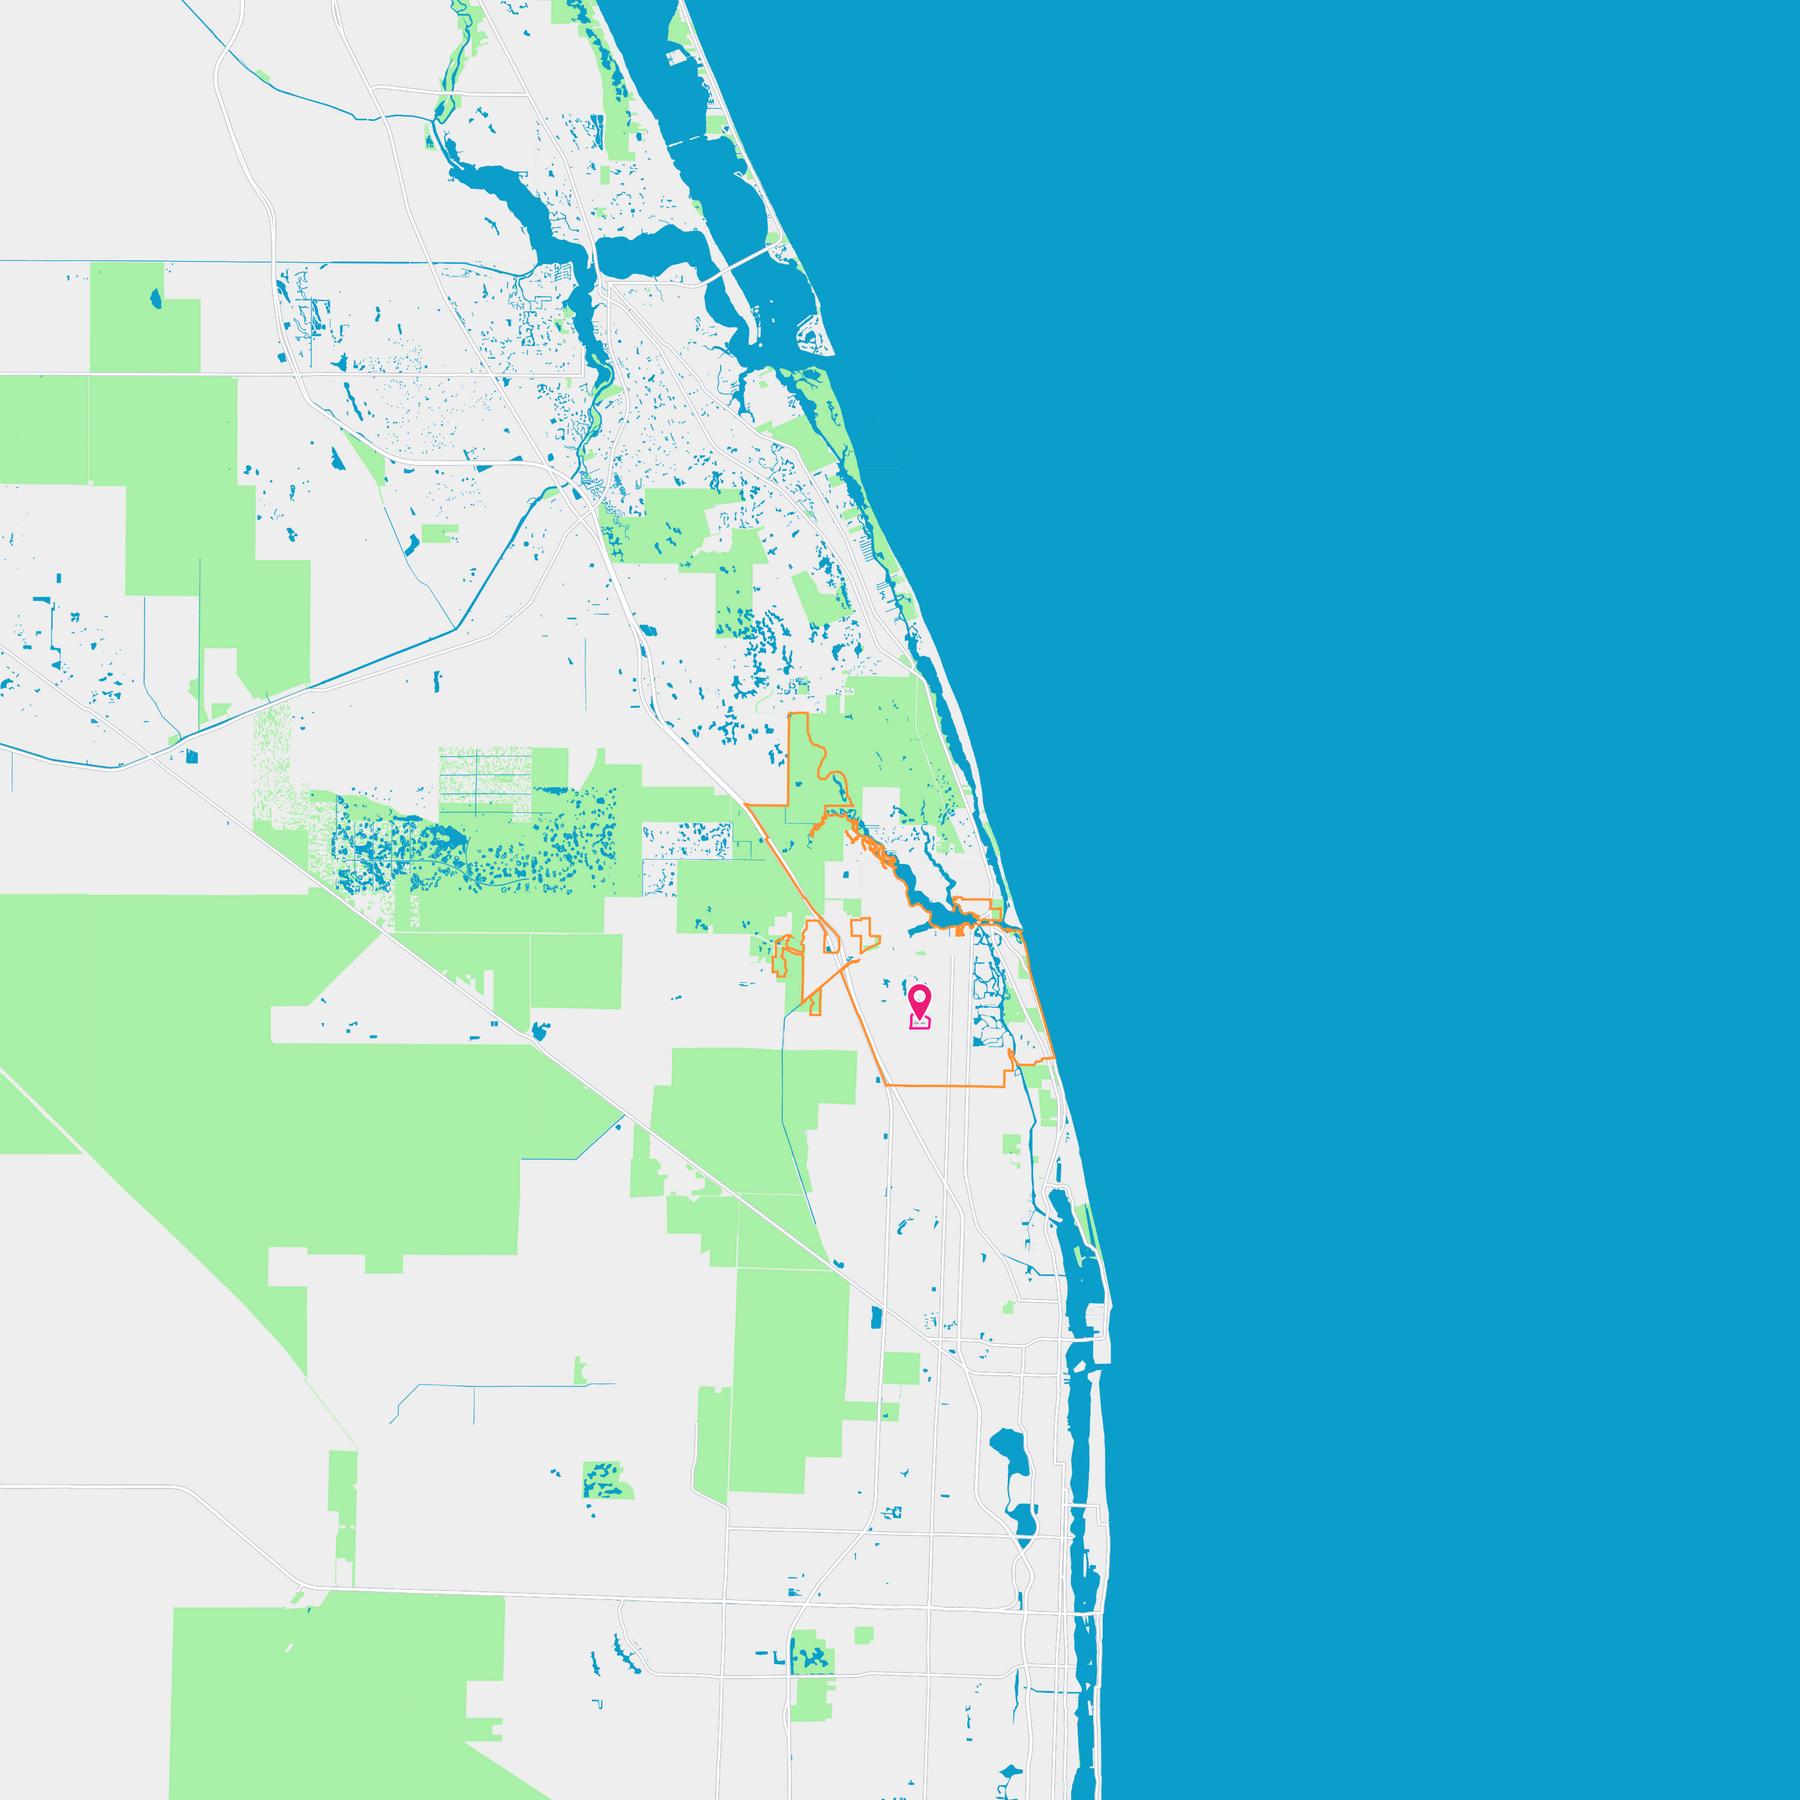 Local Com Homes For Rent: Windsor Park, Jupiter FL - Neighborhood Guide